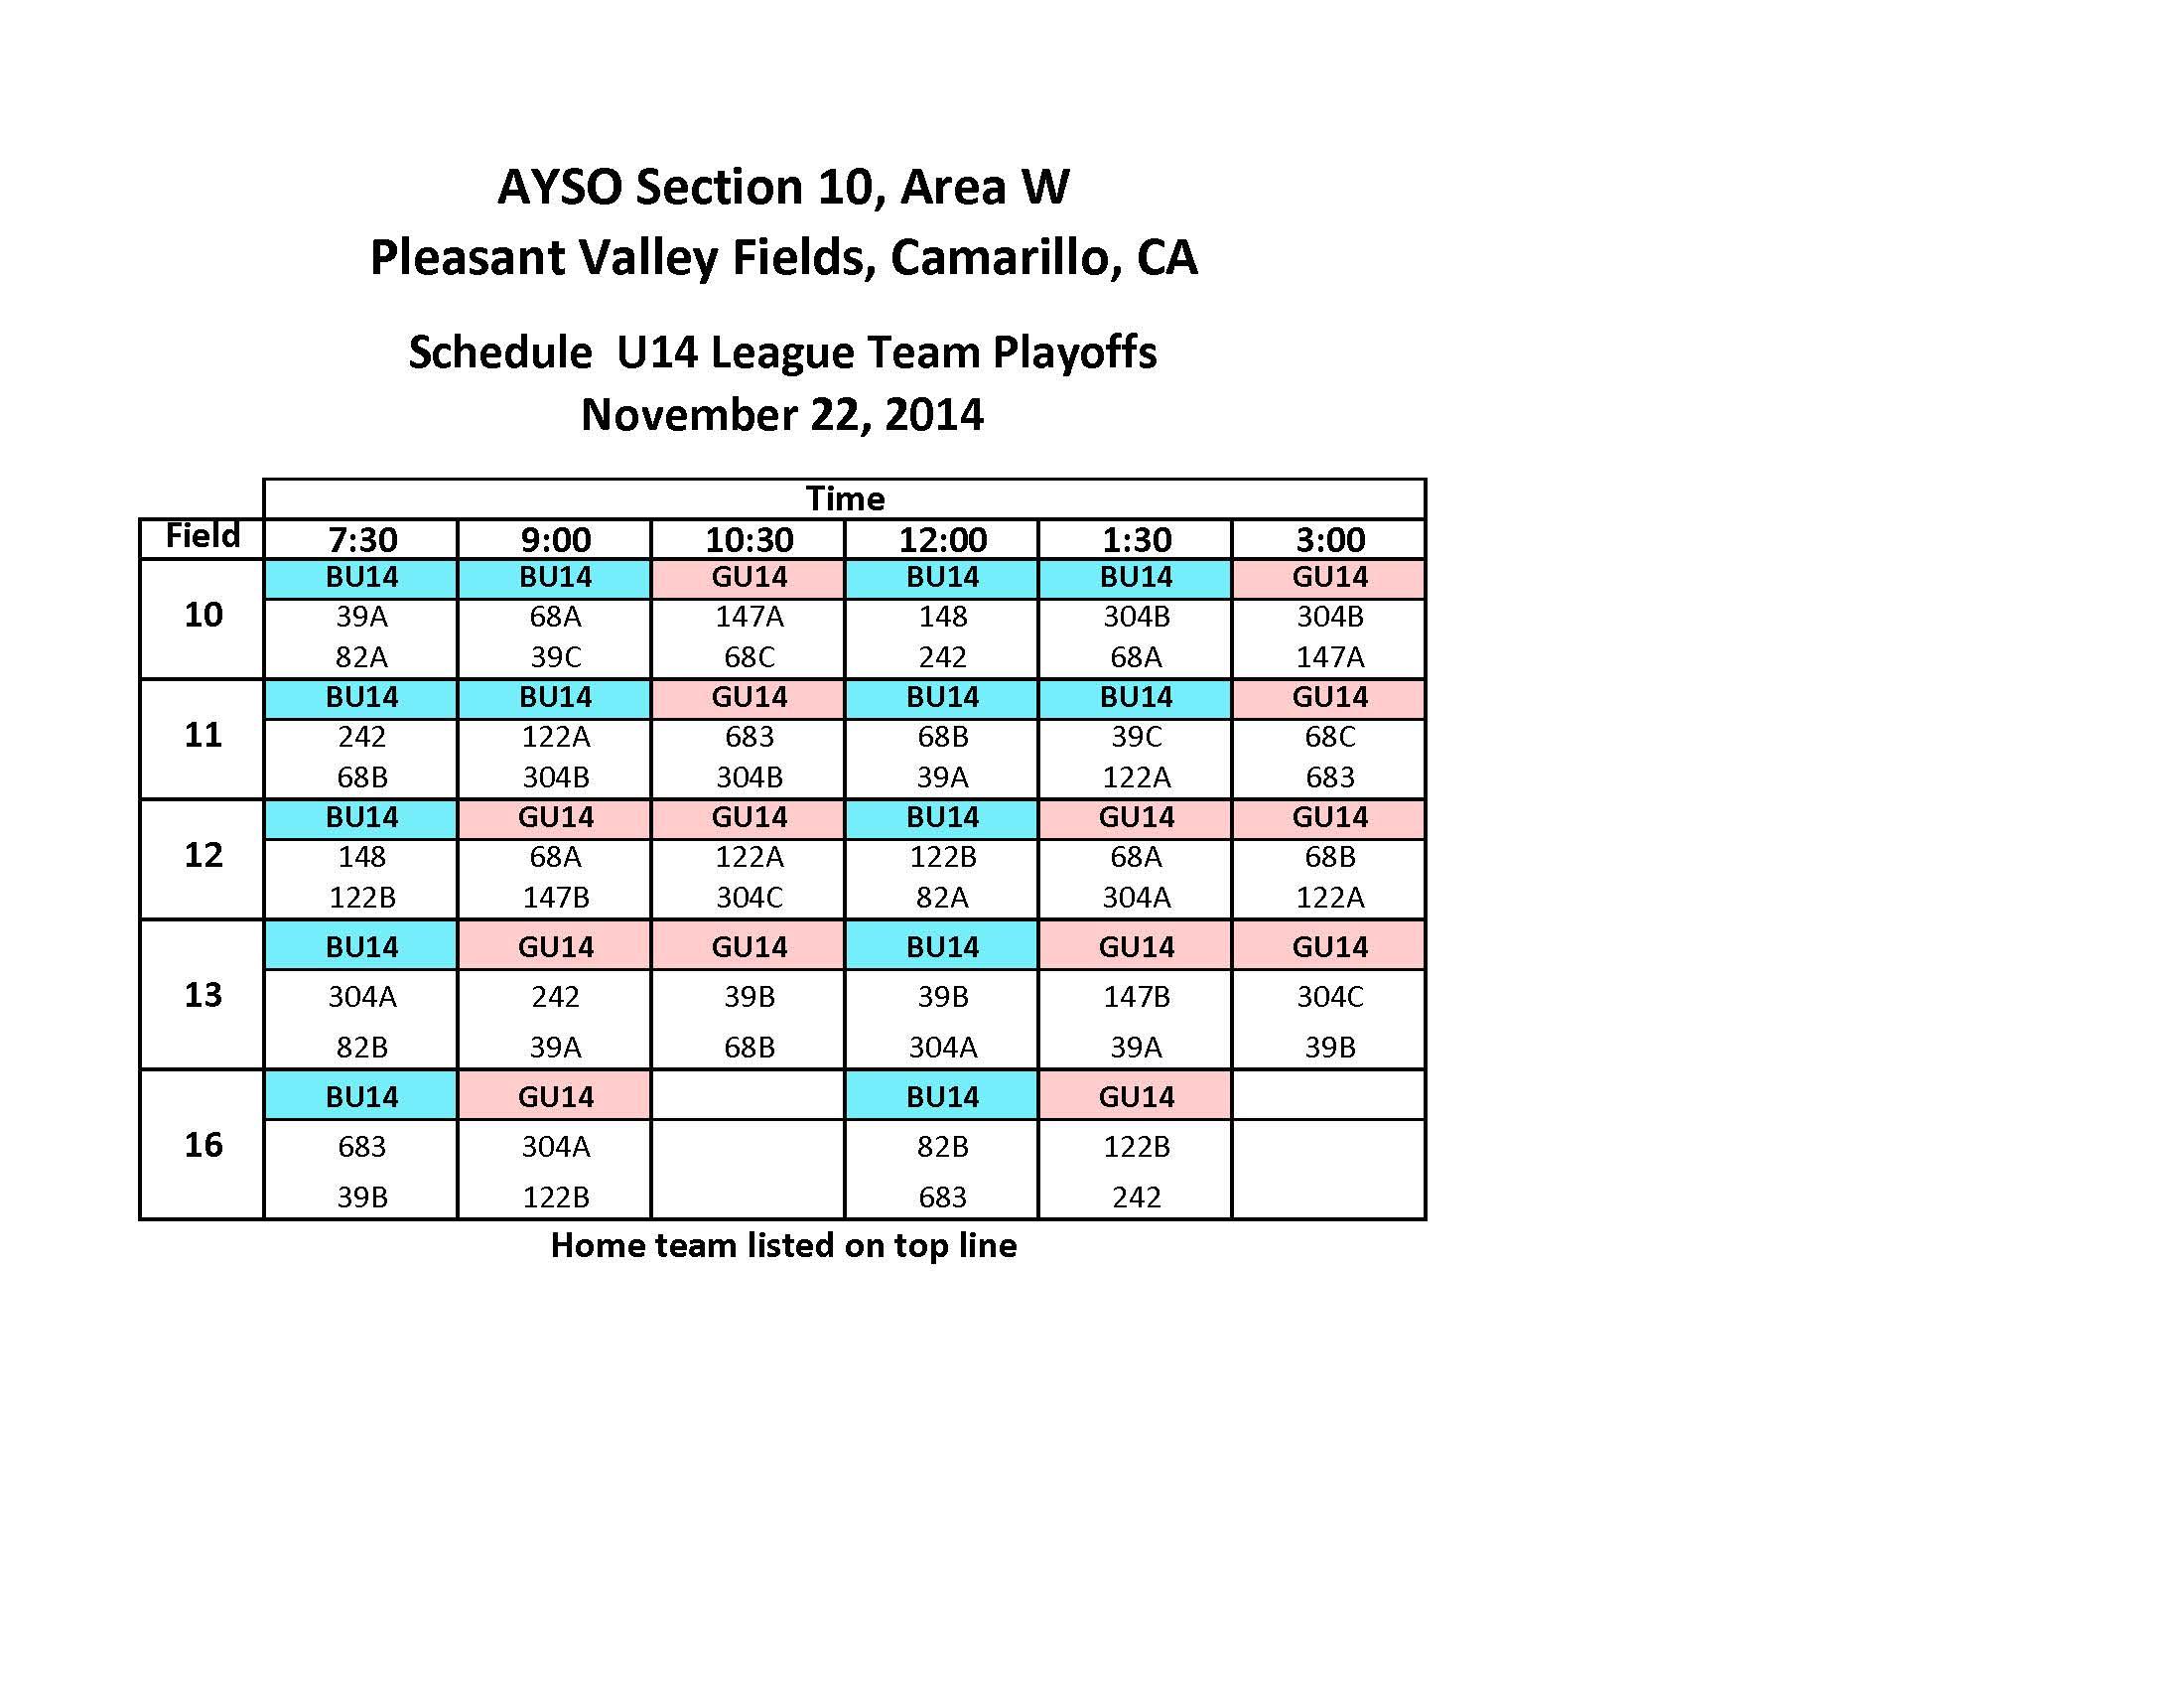 Area W Playoffs Schedule